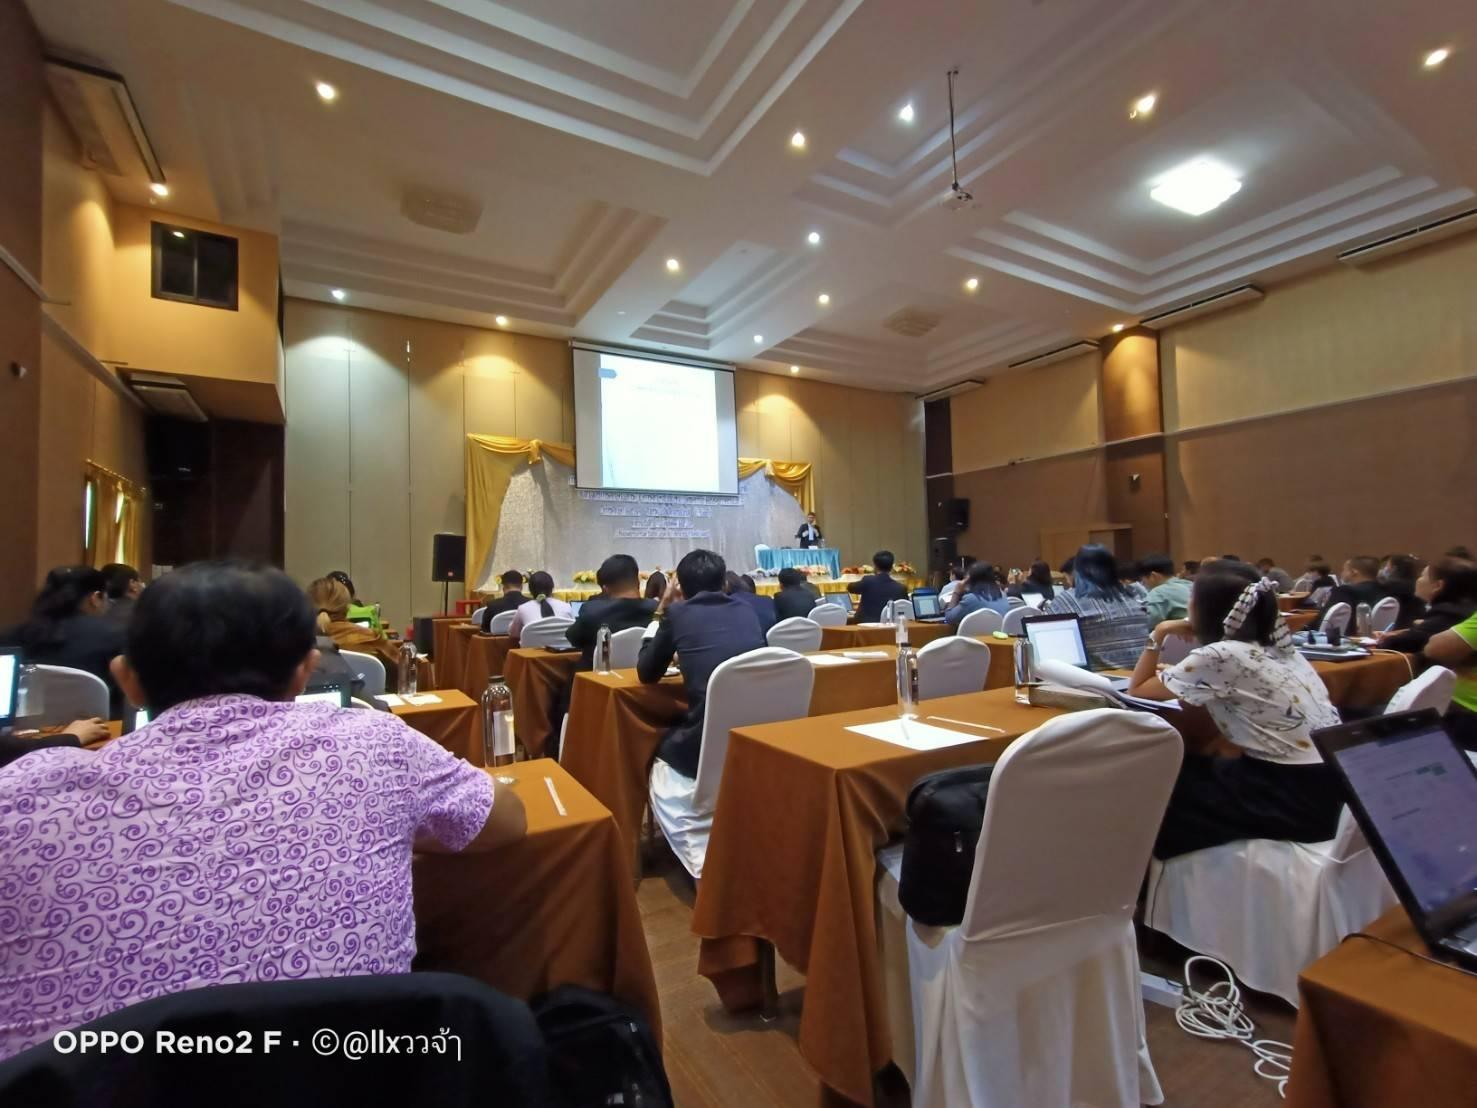 ประชุมชี้แจงการดำเนินการจัดสอบการประเมินคุณภาพการศึกษานอกระบบระดับชาติ หลักสูตรการศึกษานอกระบบการศึกษาขึ้นพื้นฐาน